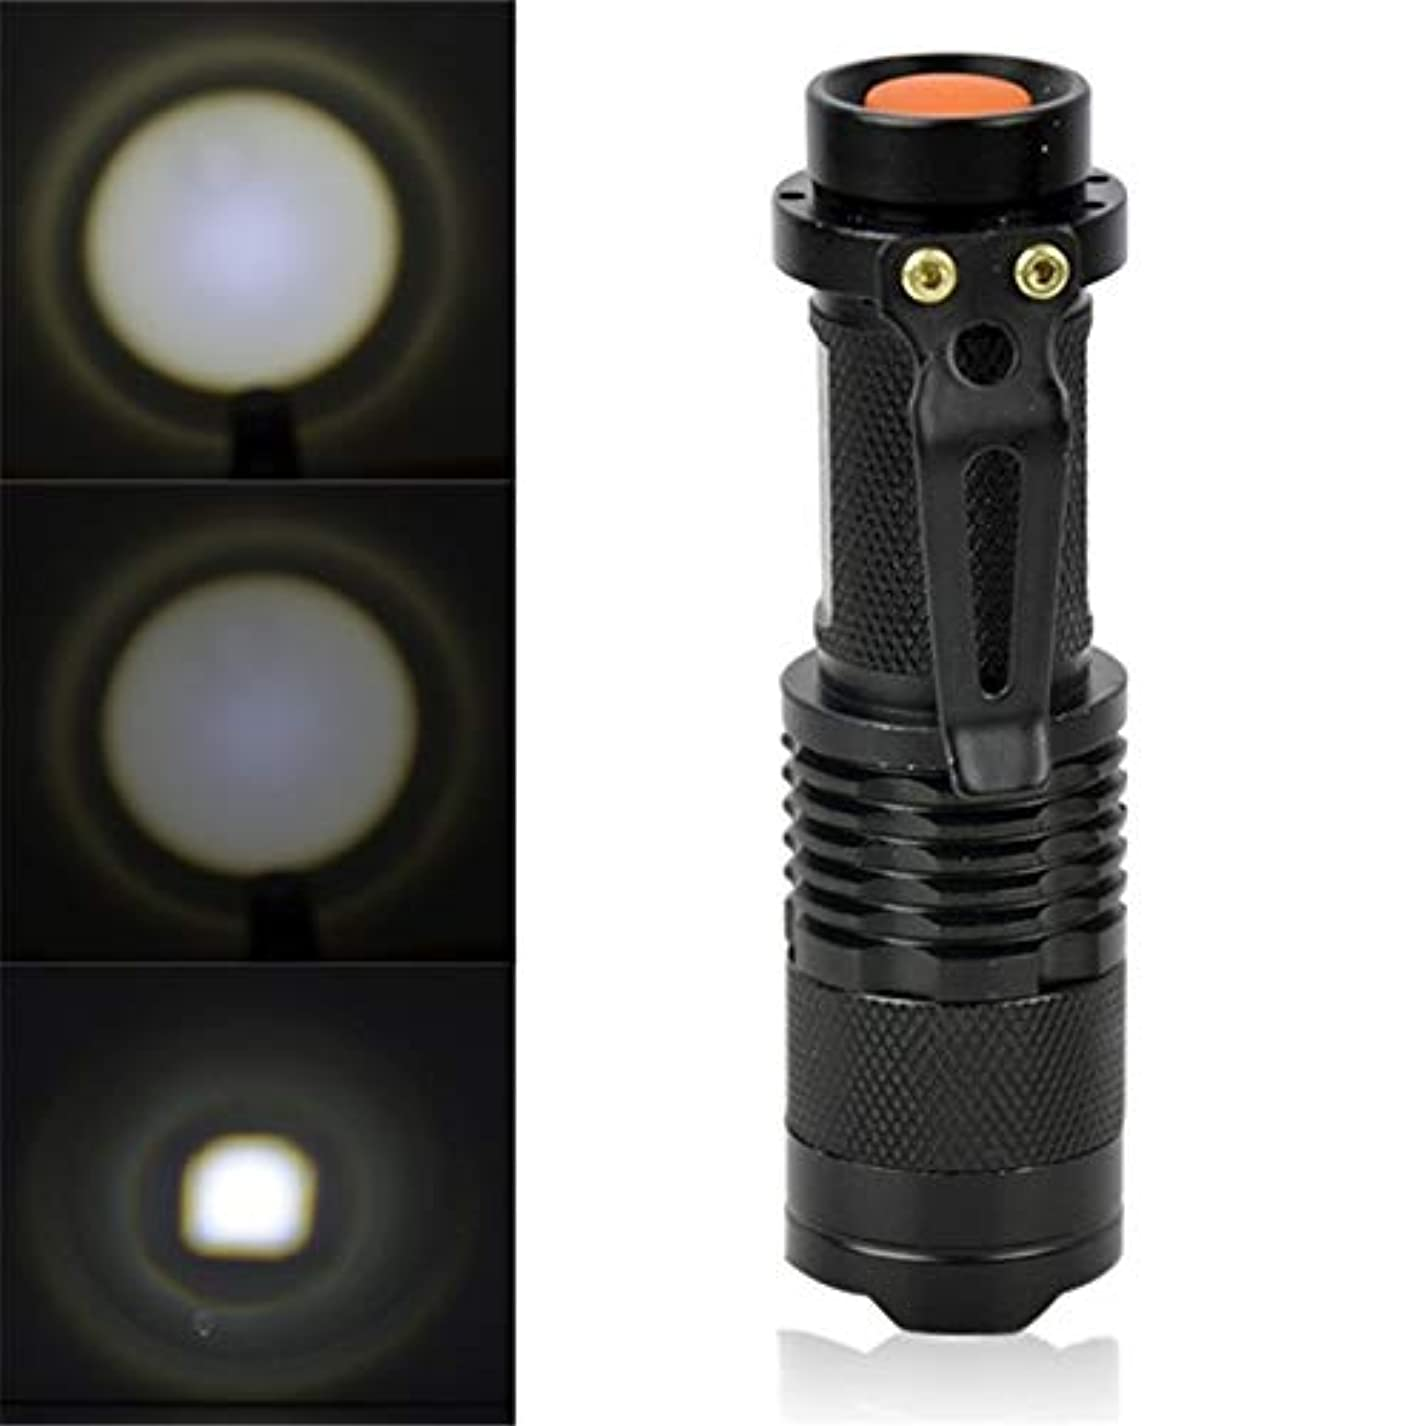 それに応じて尊敬ブランド名1200ルーメンのアウトドアキャンプの強力な防水明るいLED懐中電灯バッテリートーチ - Semperole